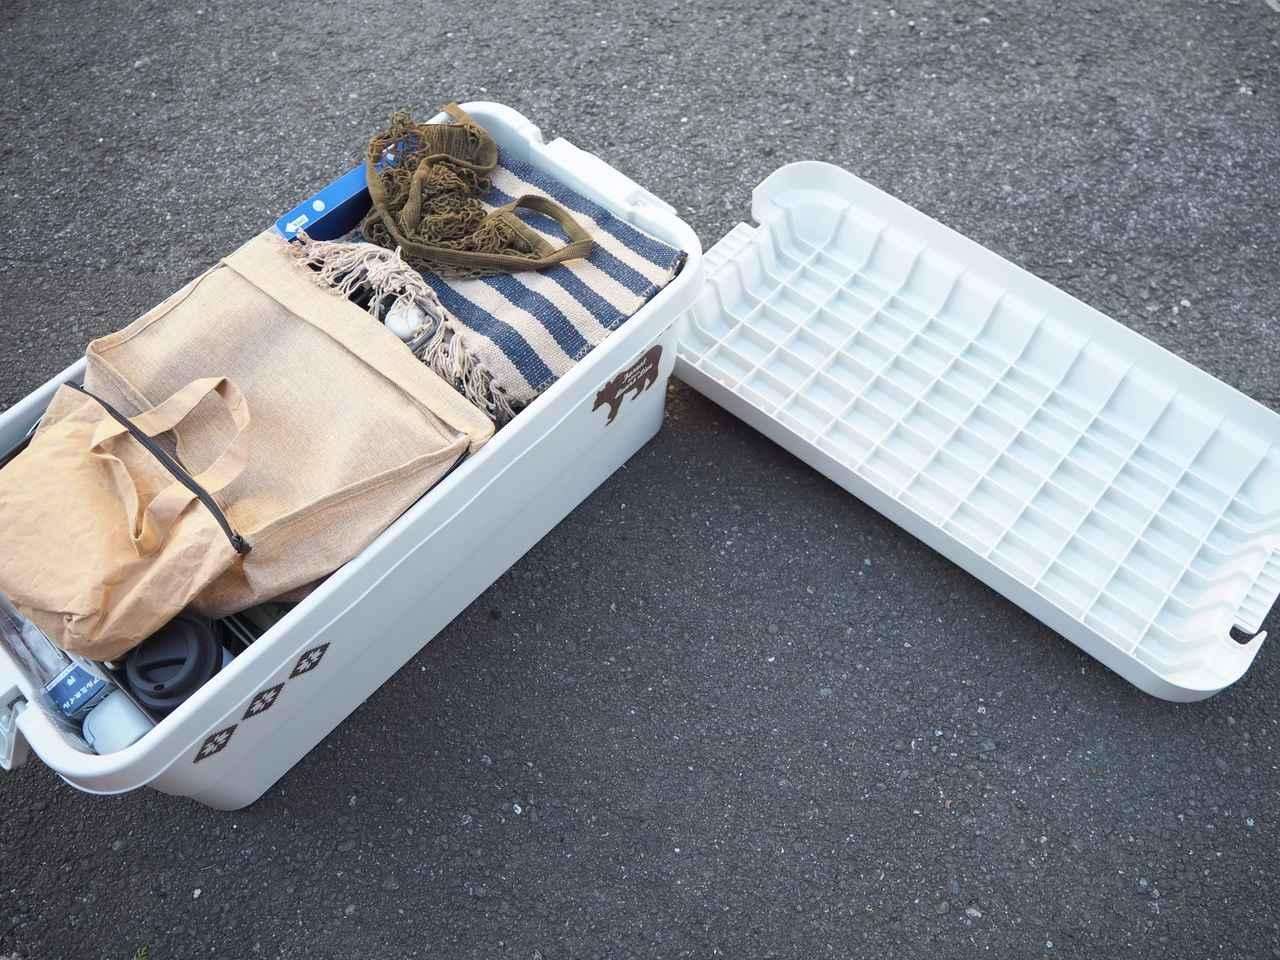 画像: 無印良品 『PP頑丈収納ボックス・特大』 思った以上にたくさん入ります